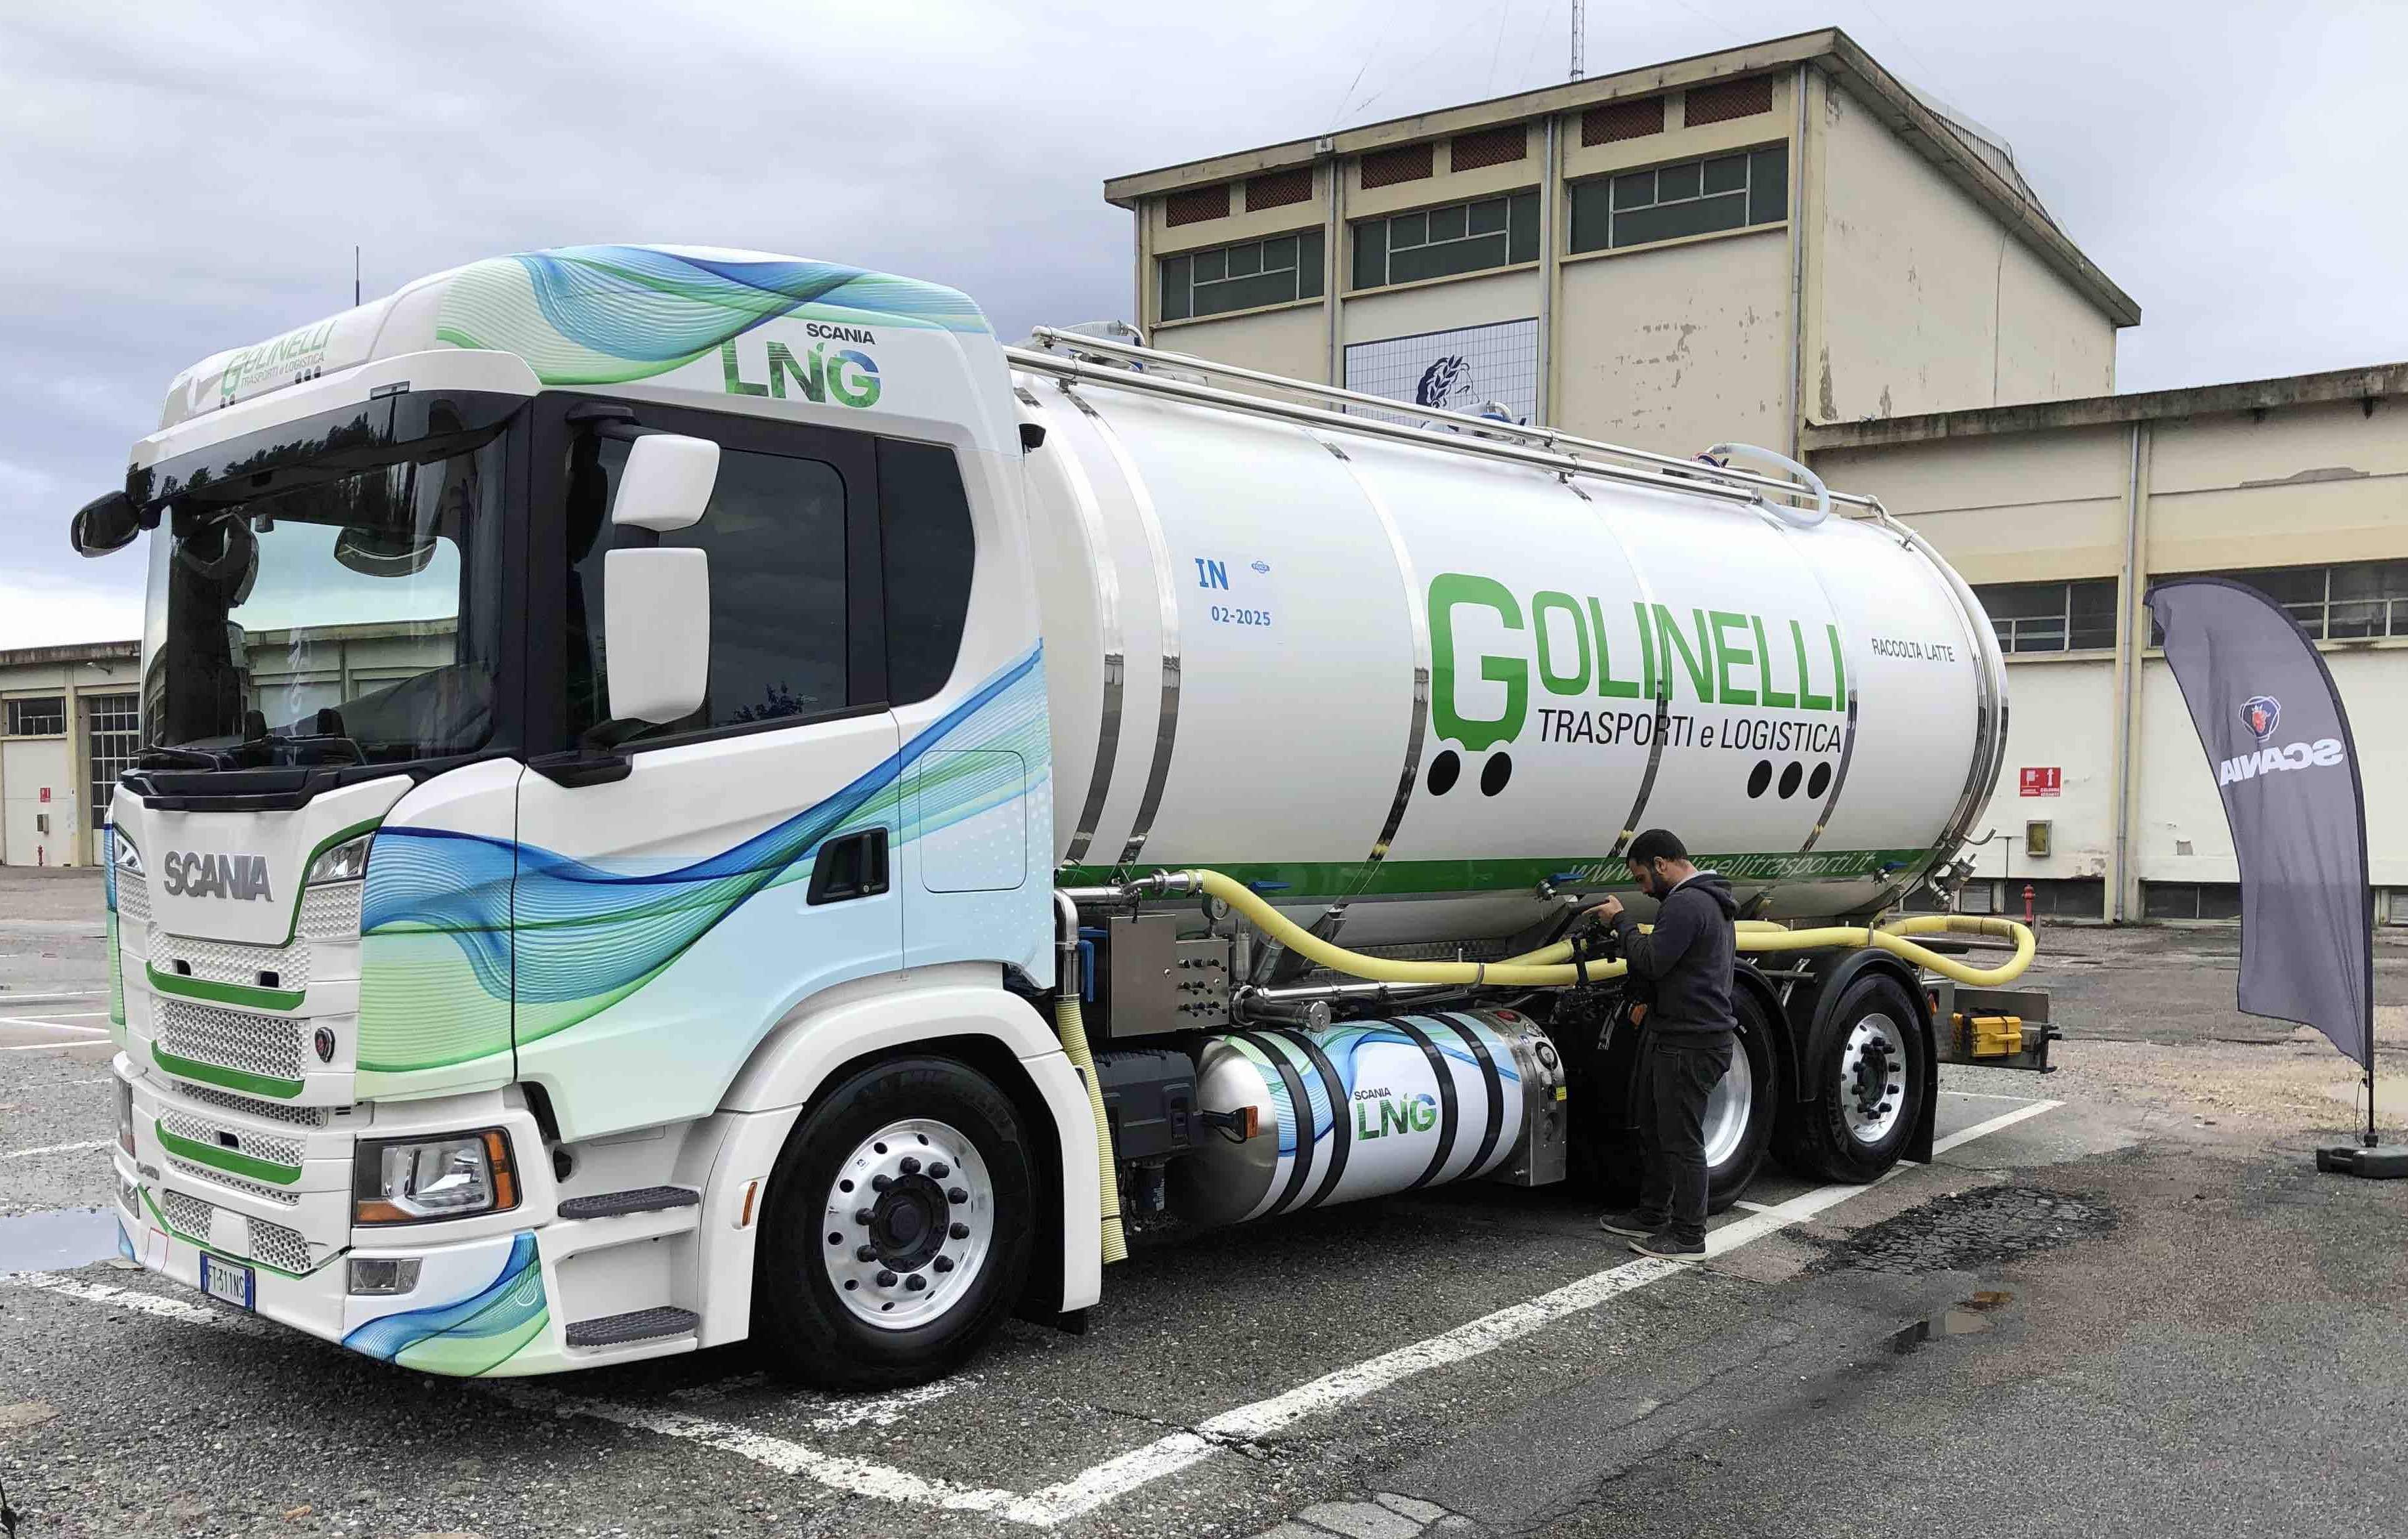 Raccolta latte col metano, Scania e il 'Progetto Mantova'